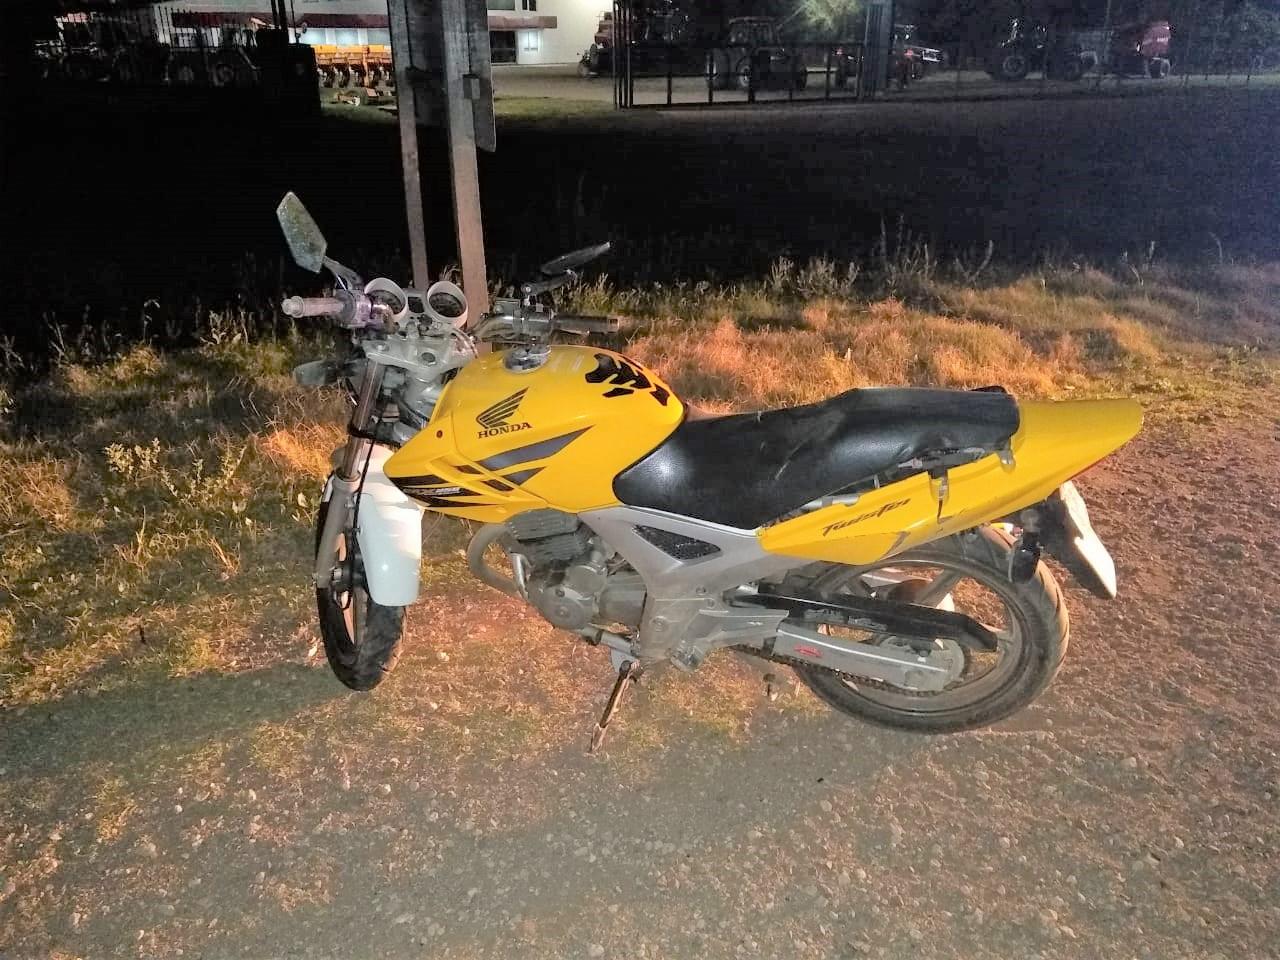 Accidente en la madrugada: Perdió el control de la moto y terminó cayendo en Ruta 1 a metros de la curva de SMATA